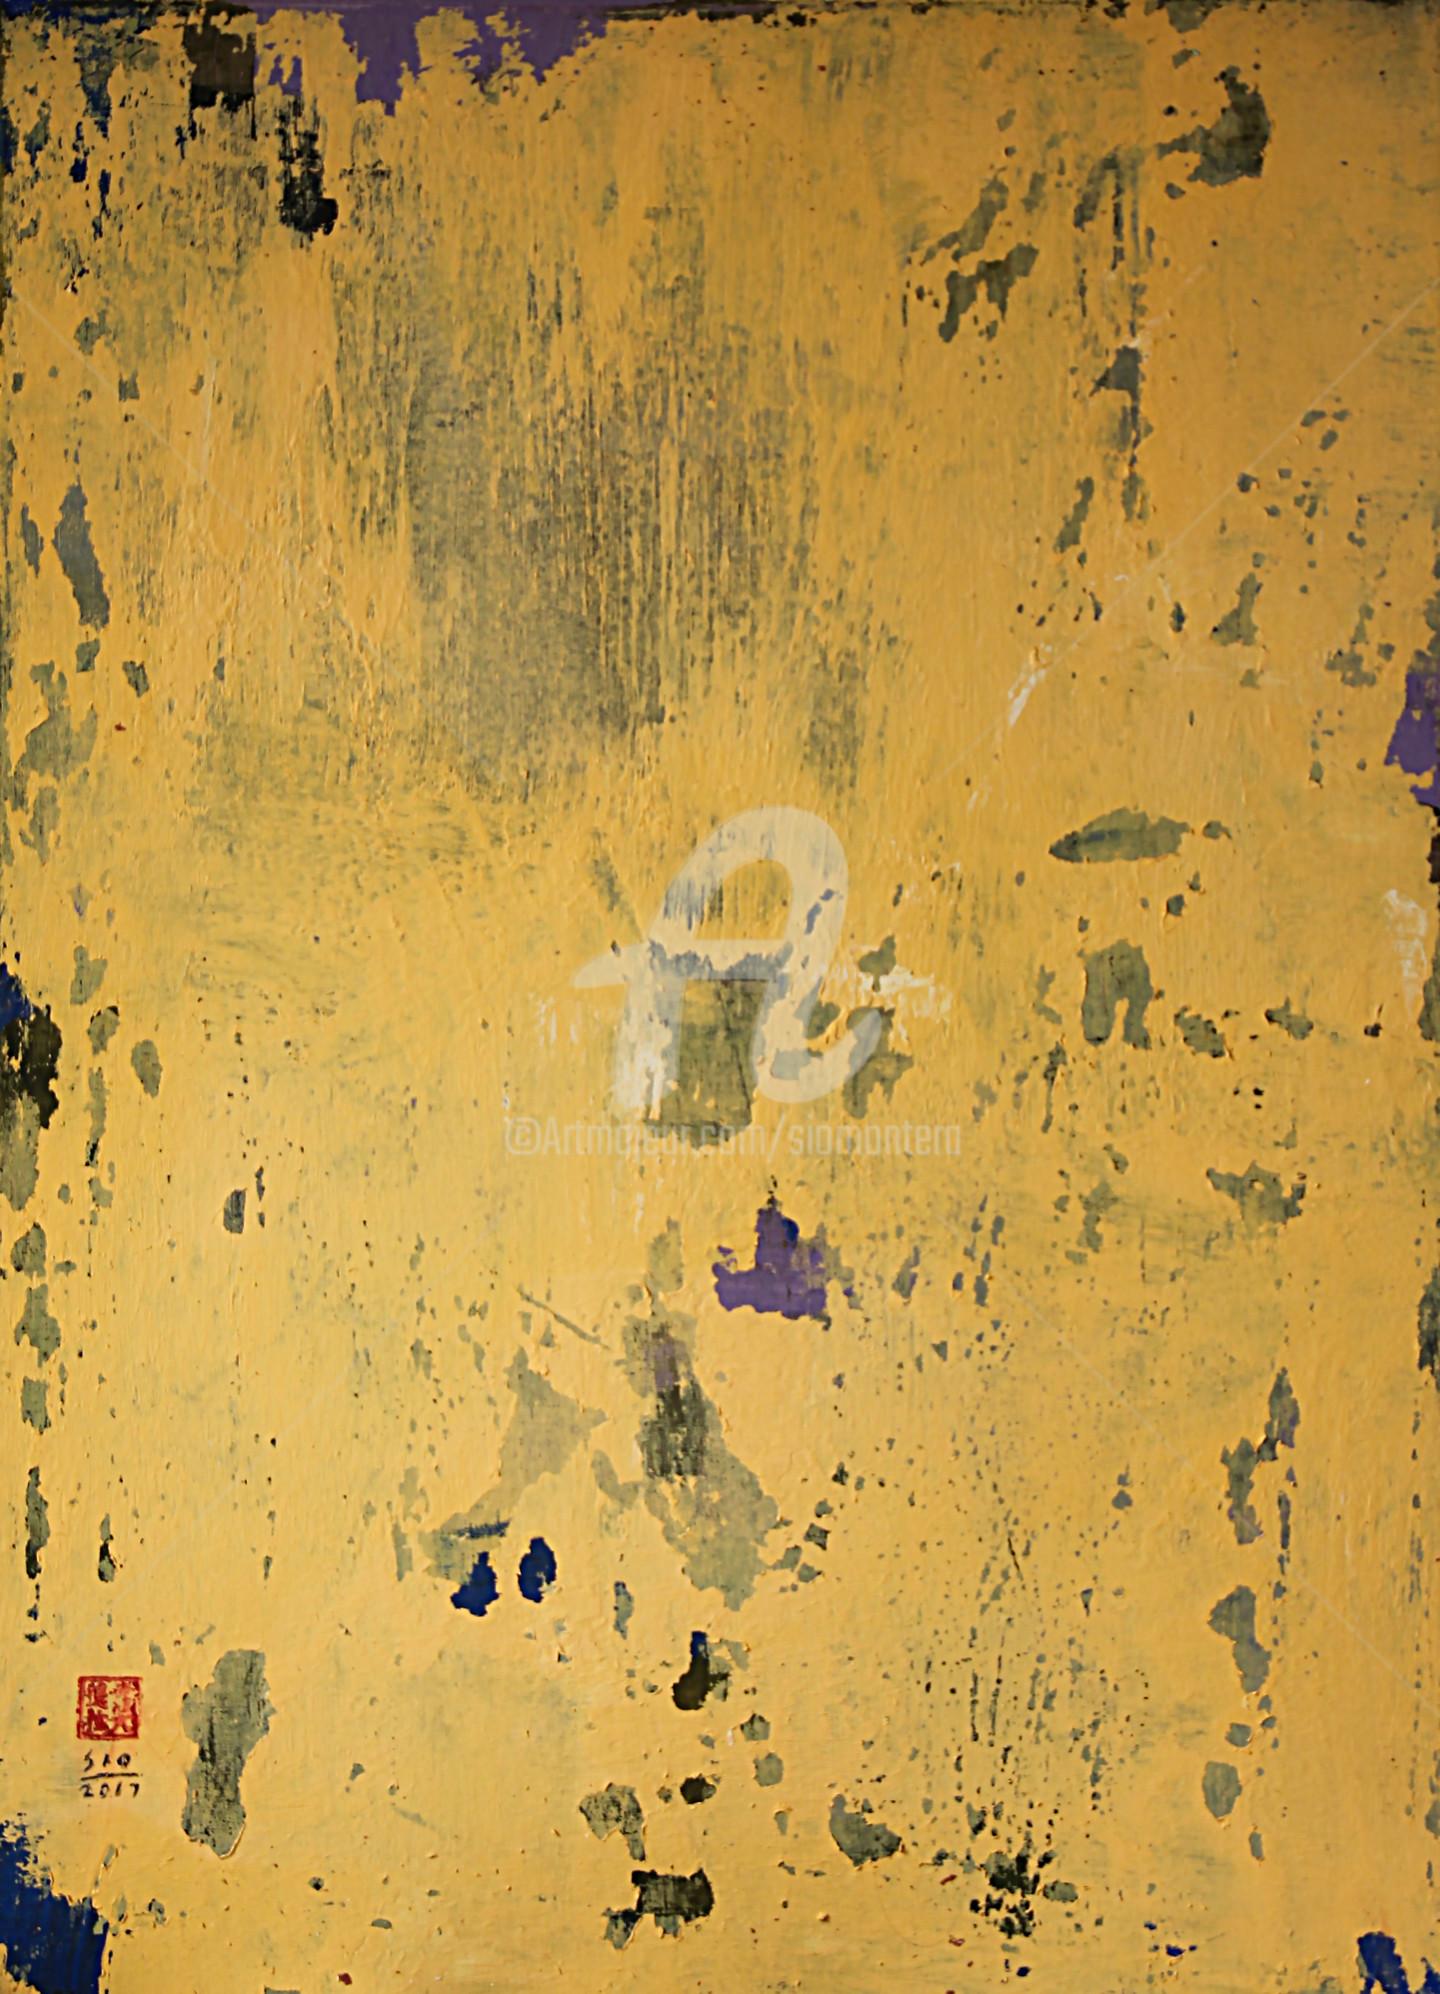 Sio Montera - A Silent Prayer